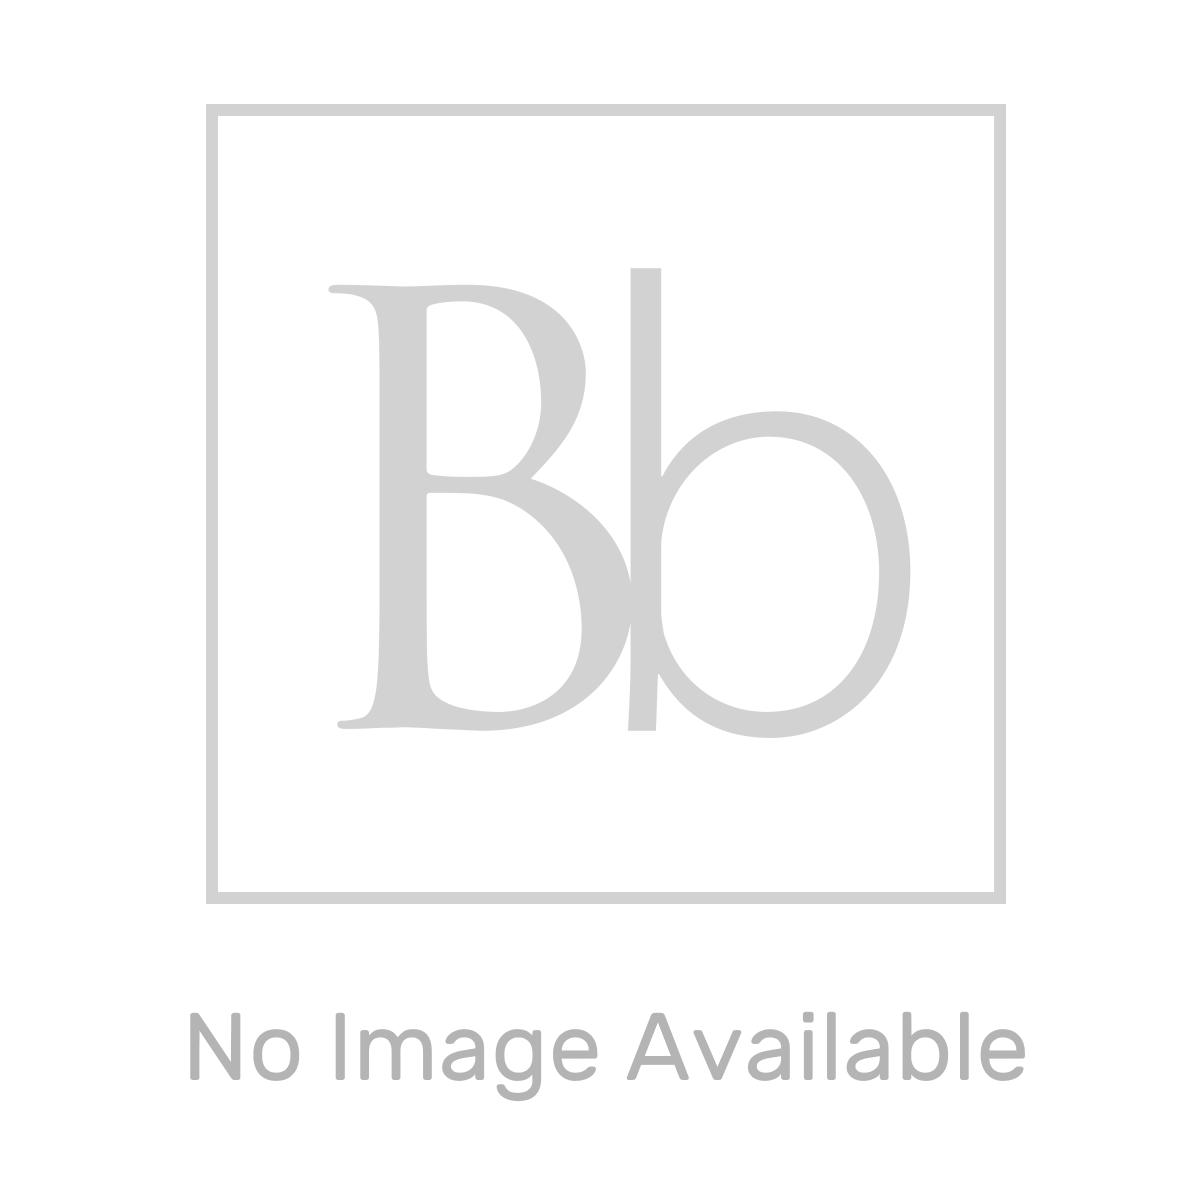 RAK Series 600 Basin with Semi Pedestal Dimensions